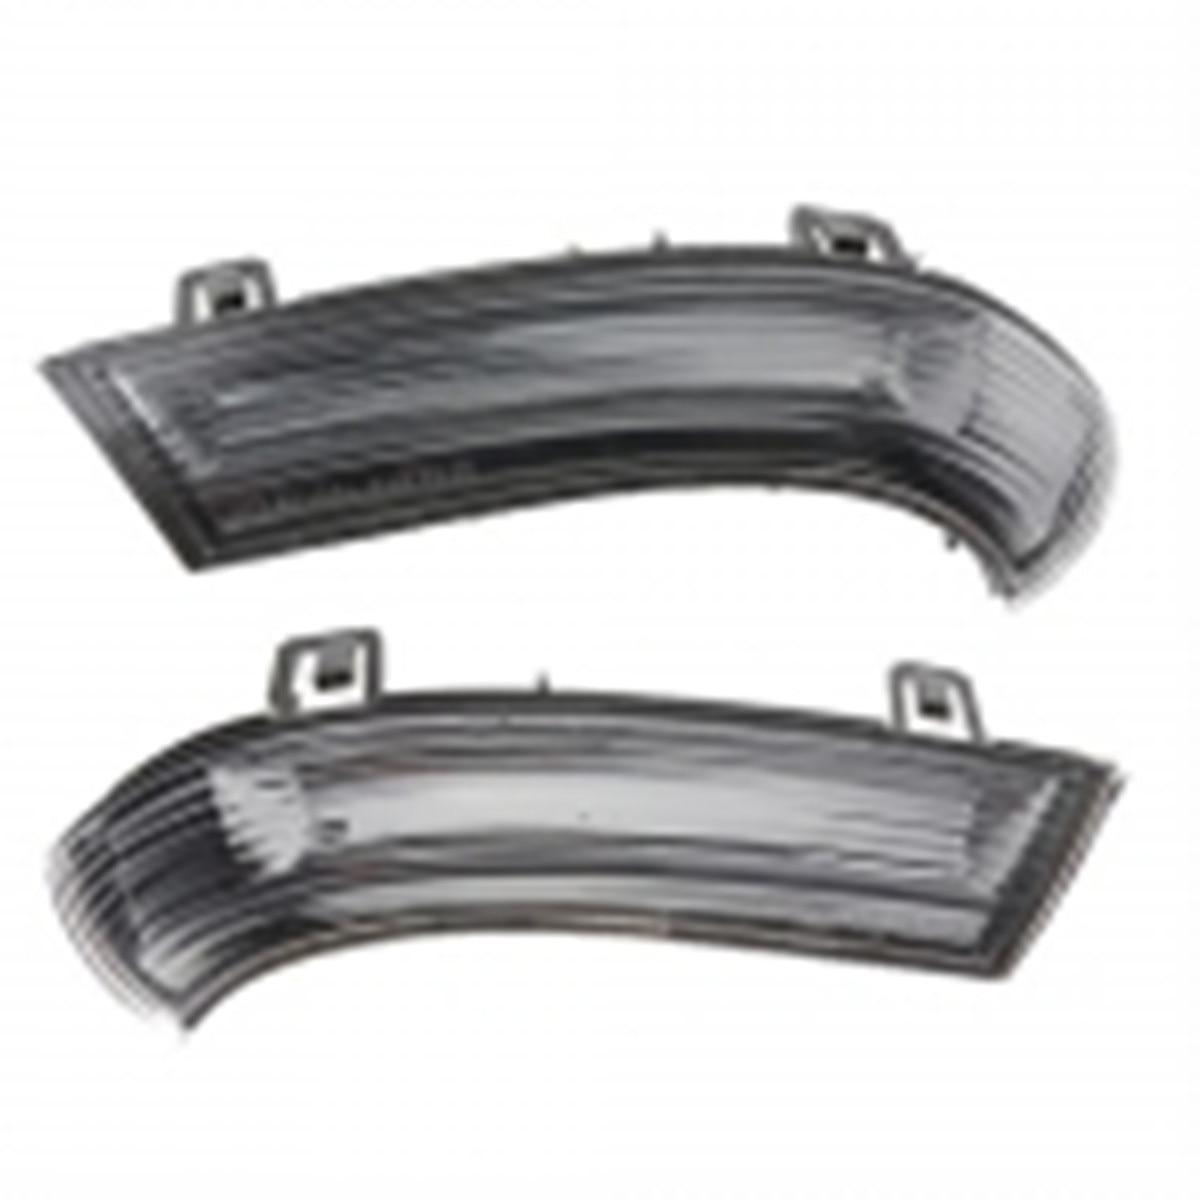 Самая низкая цена 1 шт левый и правый Боковые зеркала Индикатор сигнала поворота лампы для VW /МК5 /Гольф /Пассат /Джетта /шаран